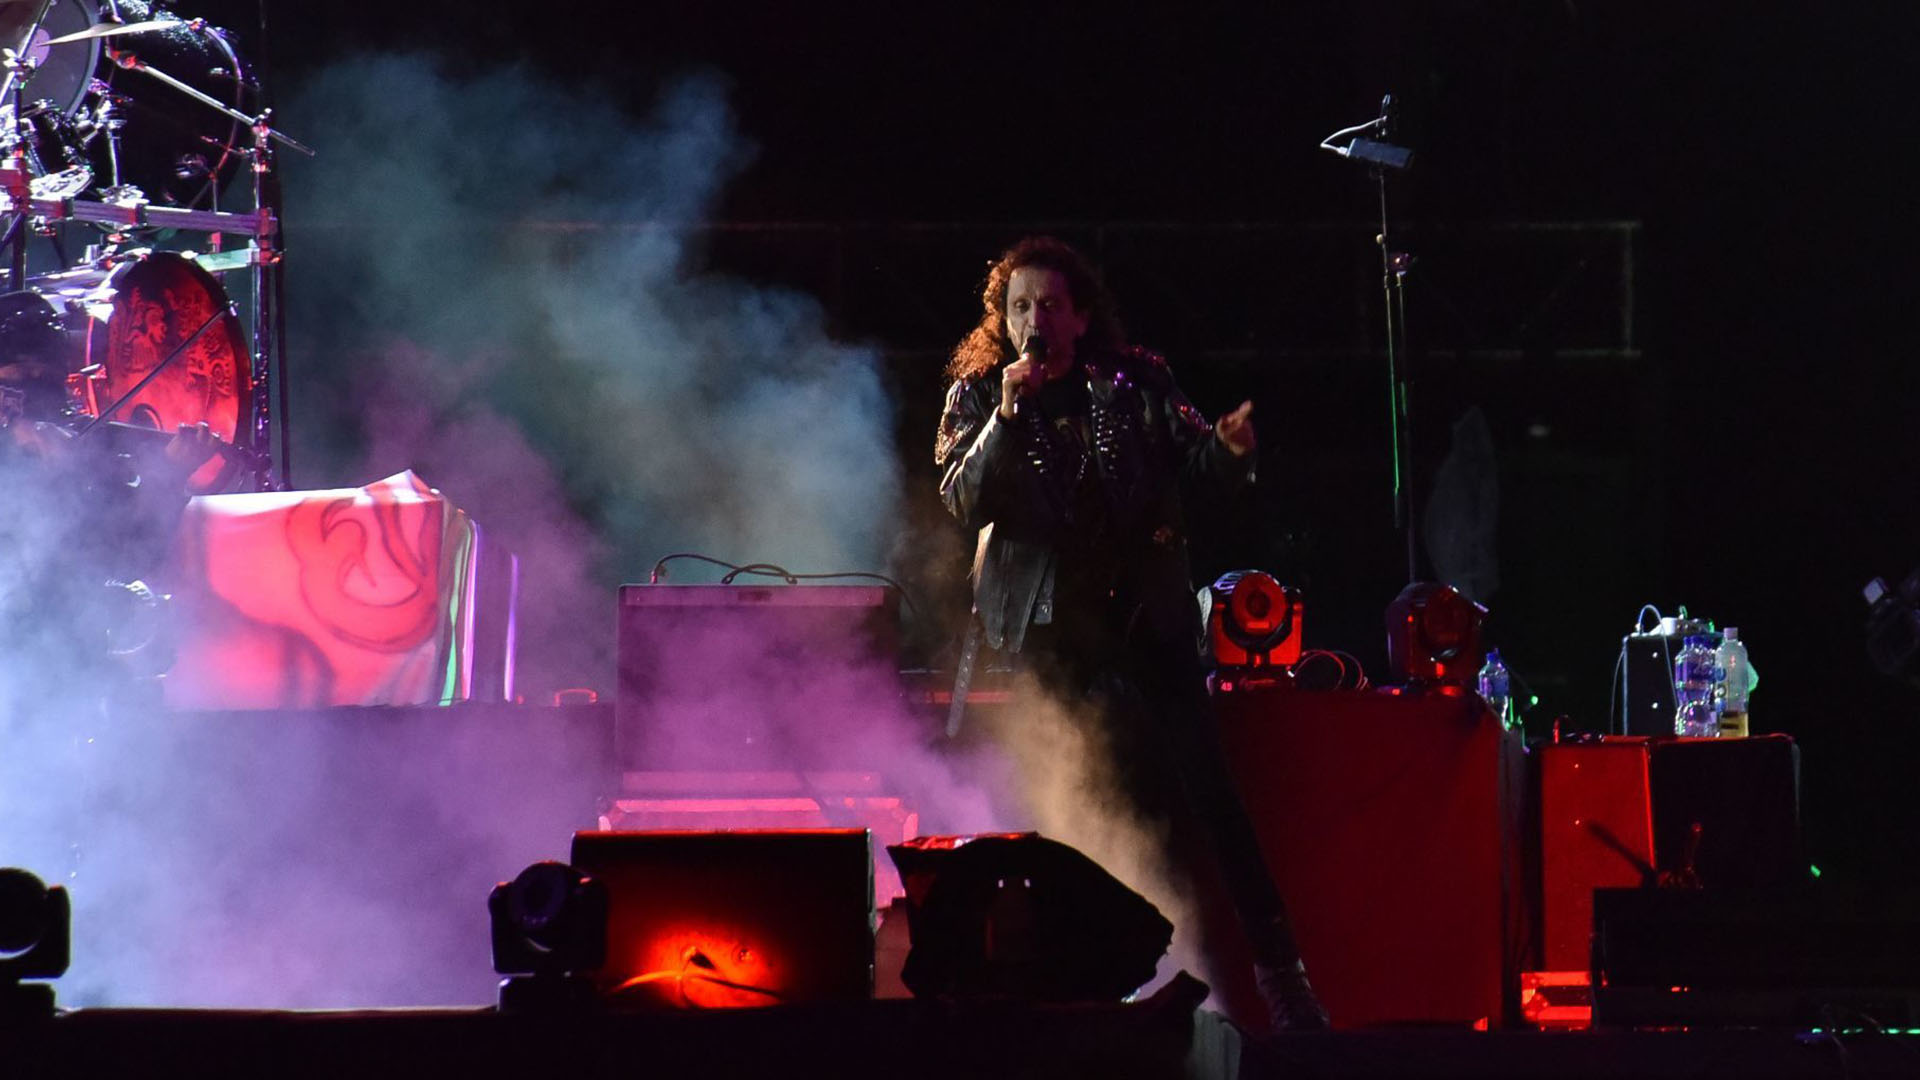 Los rockeros interpretaron sus mas grandes éxitos para el delete de la audiencia (Foto: Cuartoscuro)